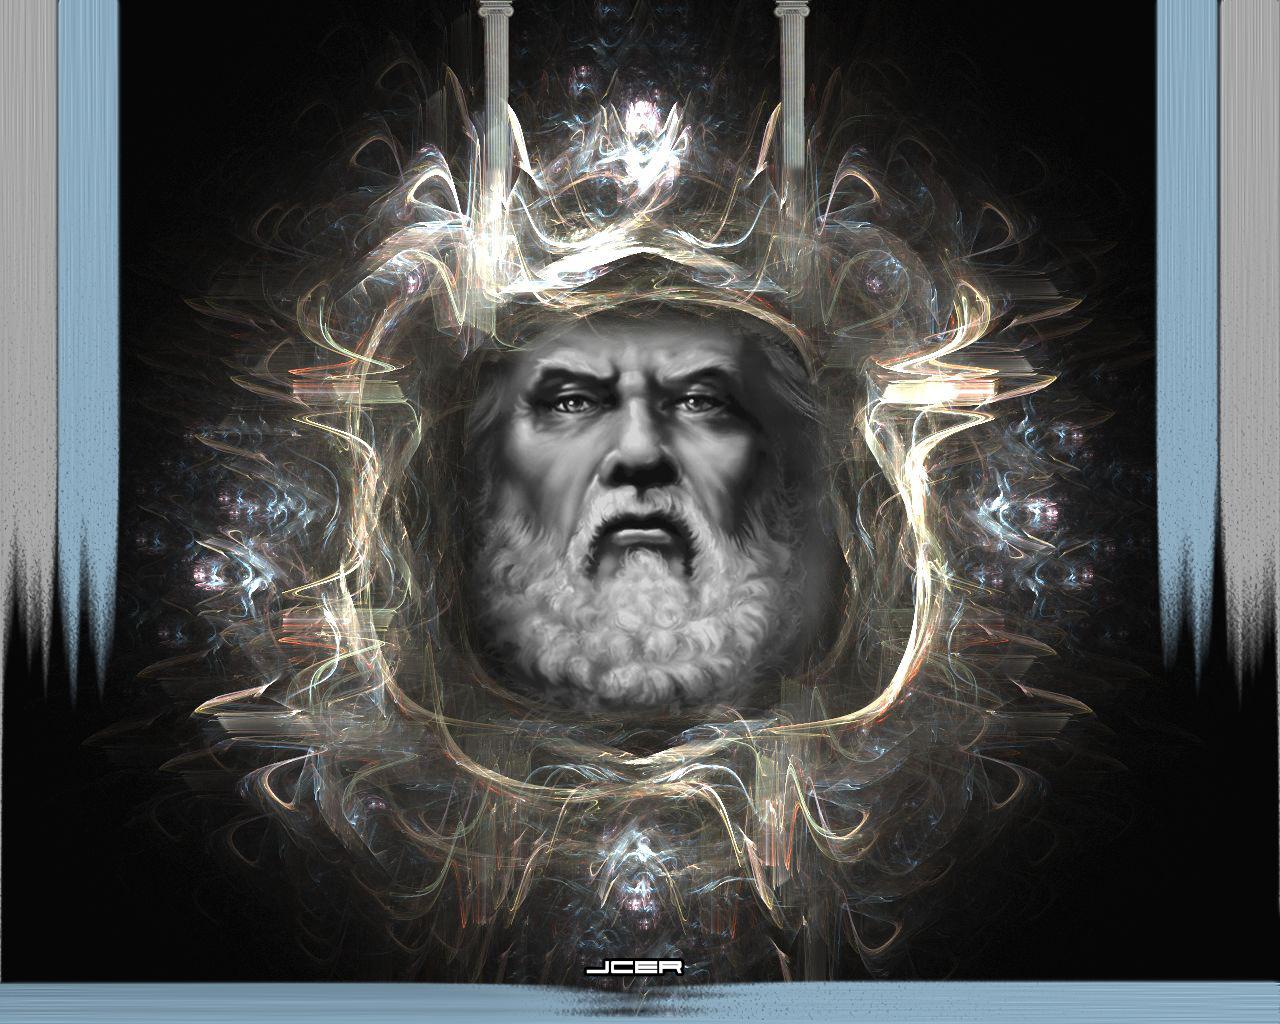 ... jcer--Wrath of the Gods - Zeus by Apophysis